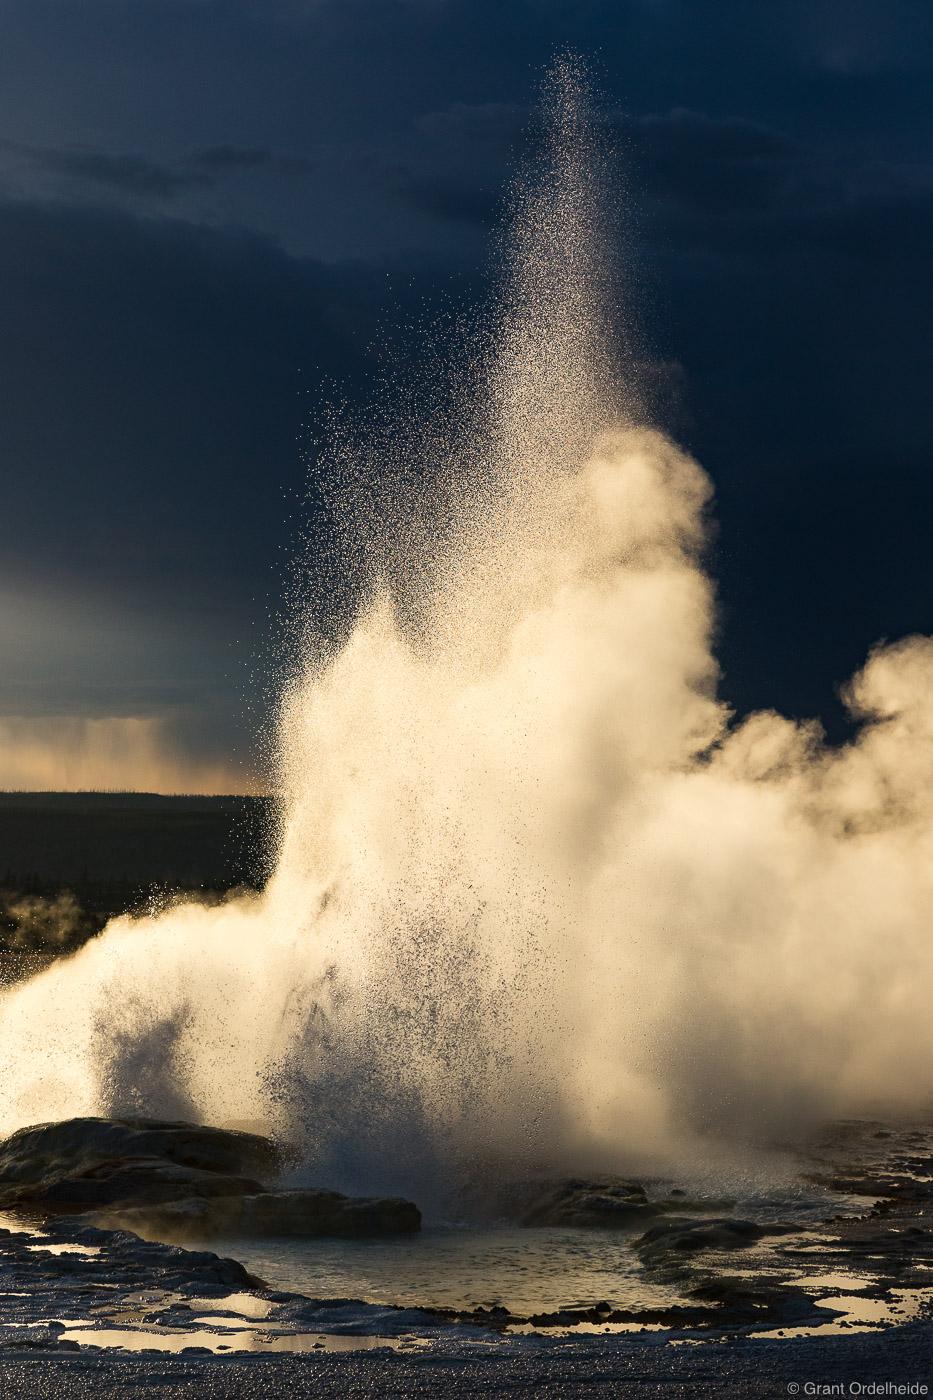 Clepsydra Geyser erupting below an impending summer storm.